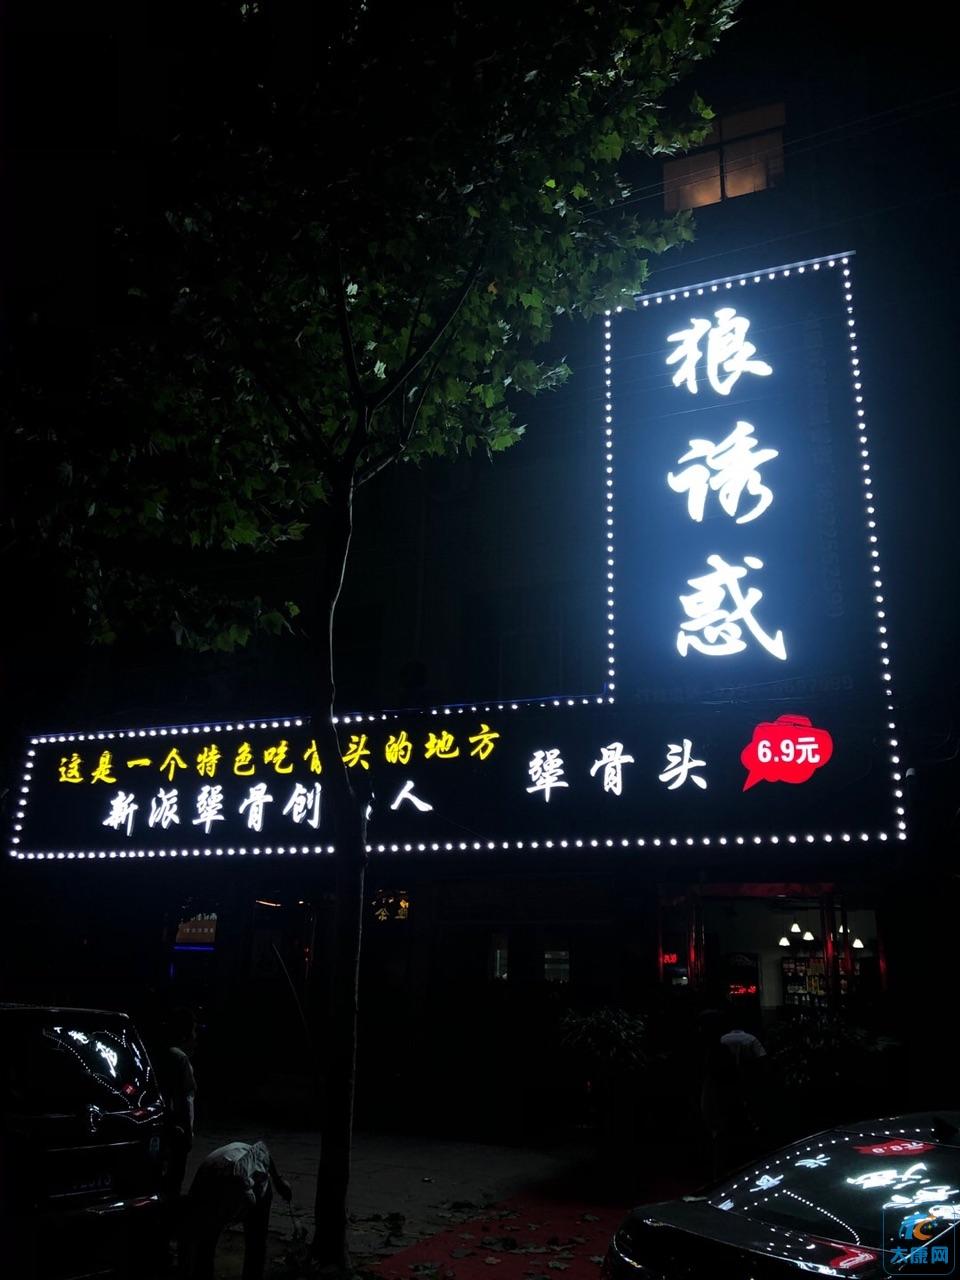 狼诱惑霸王餐11.11开启免单活动